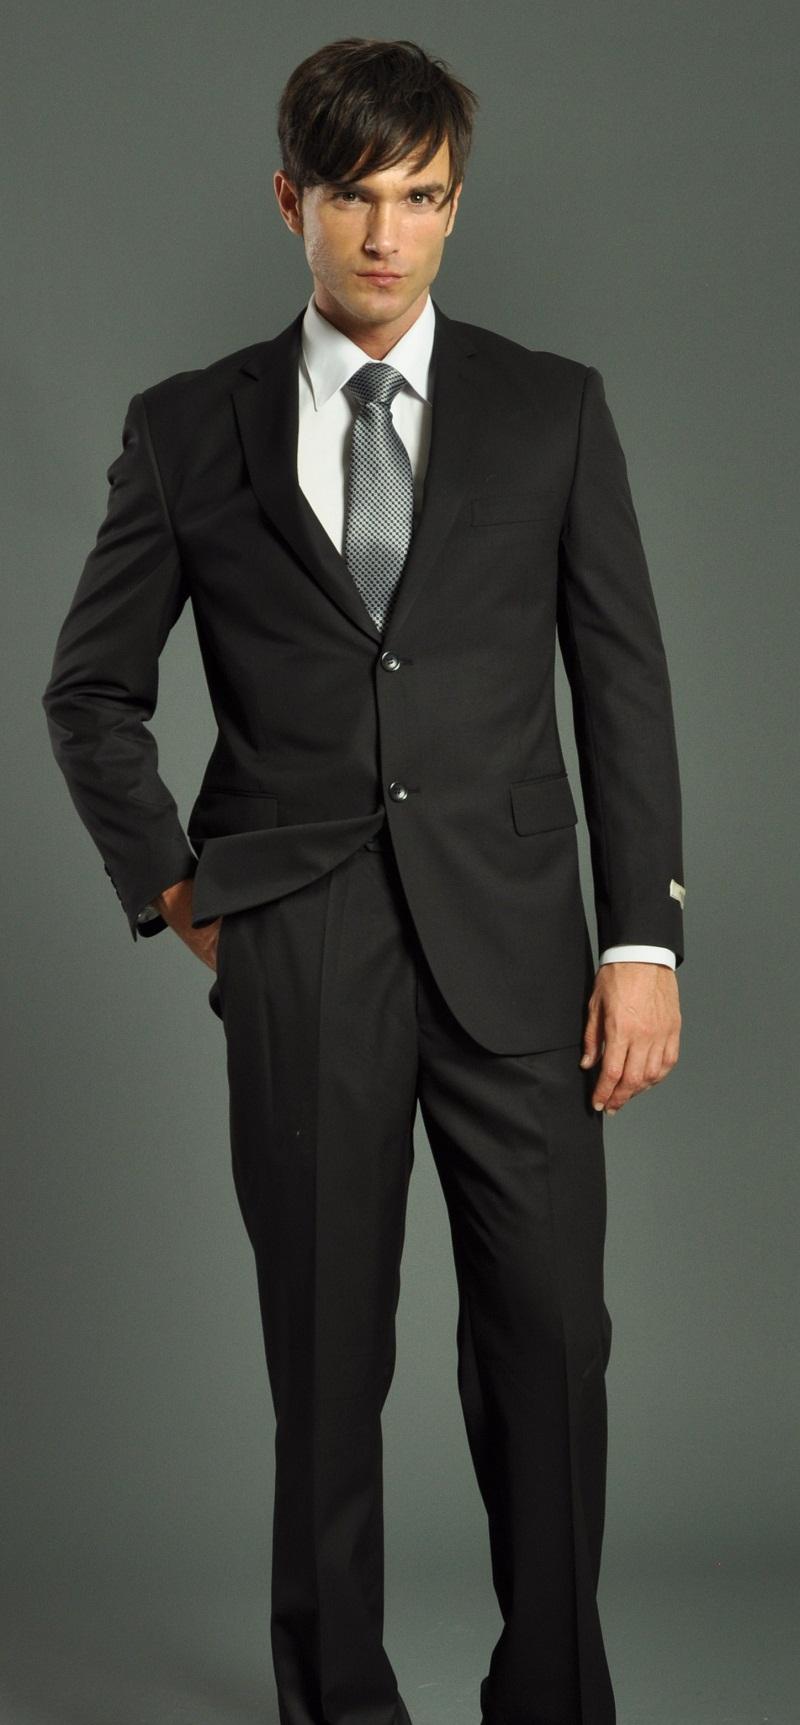 black suit men photo - 1